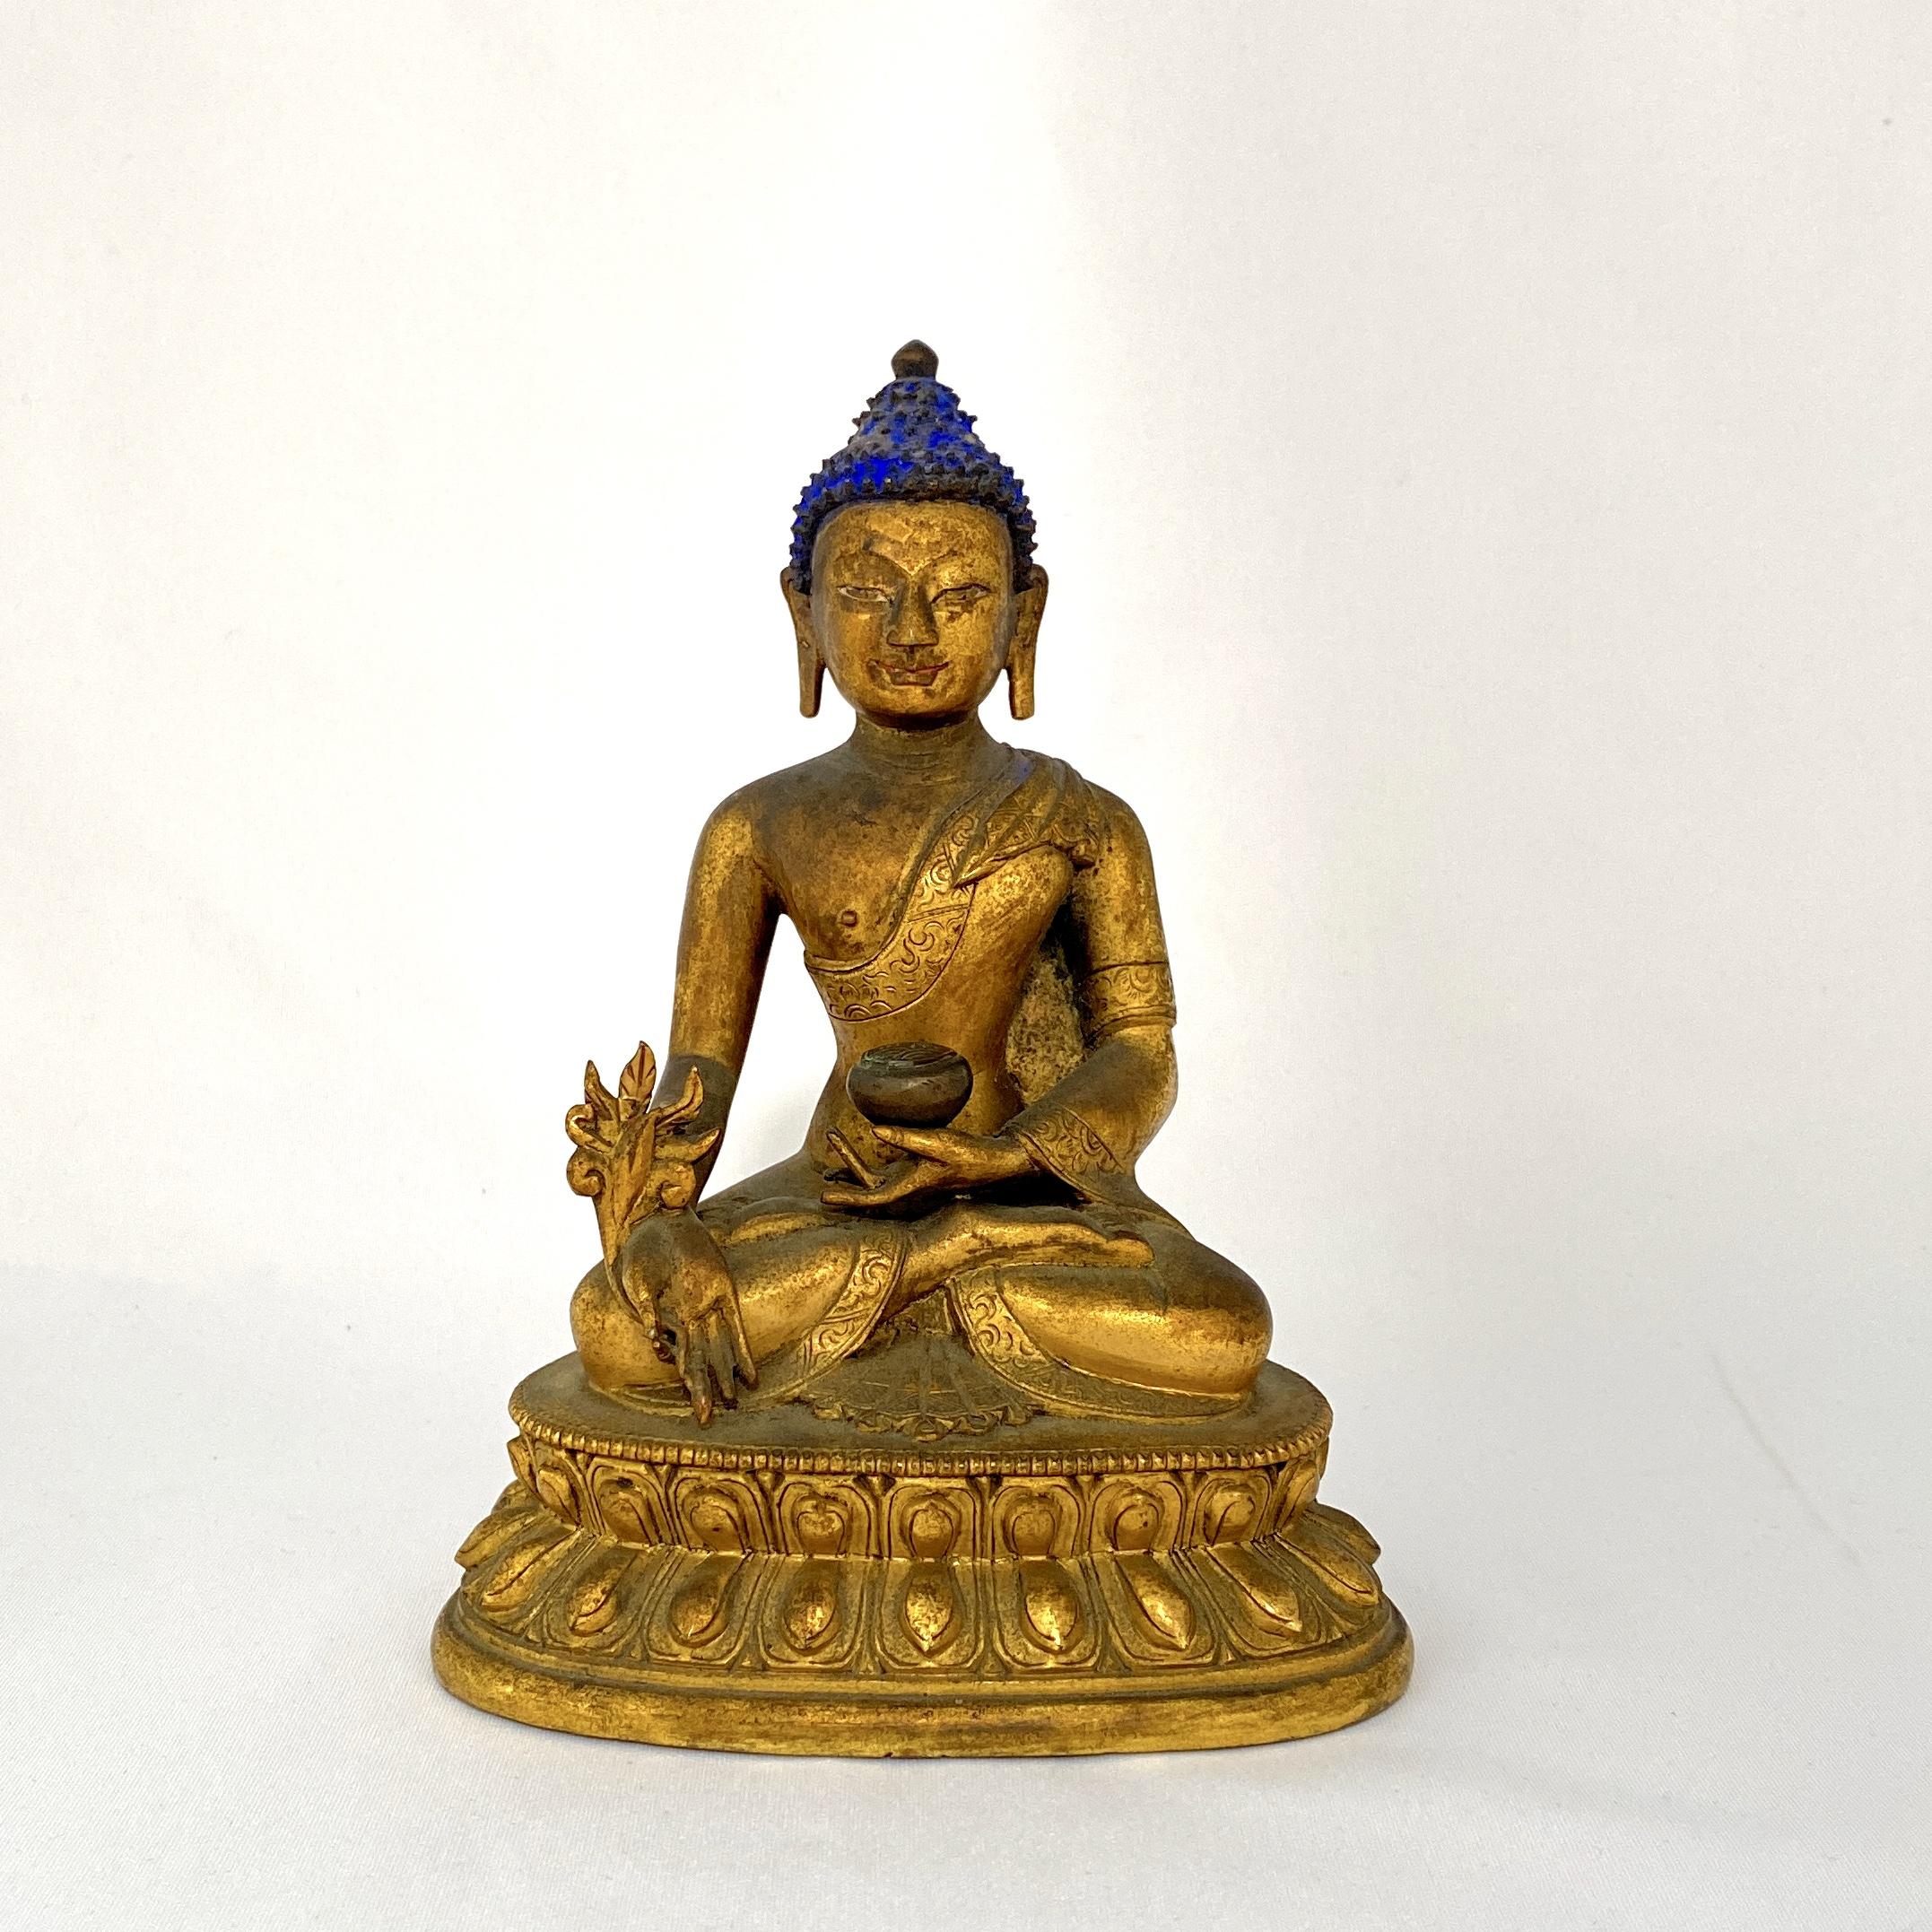 10026清十八世紀 銅鎏金 薬師佛坐像  1060g